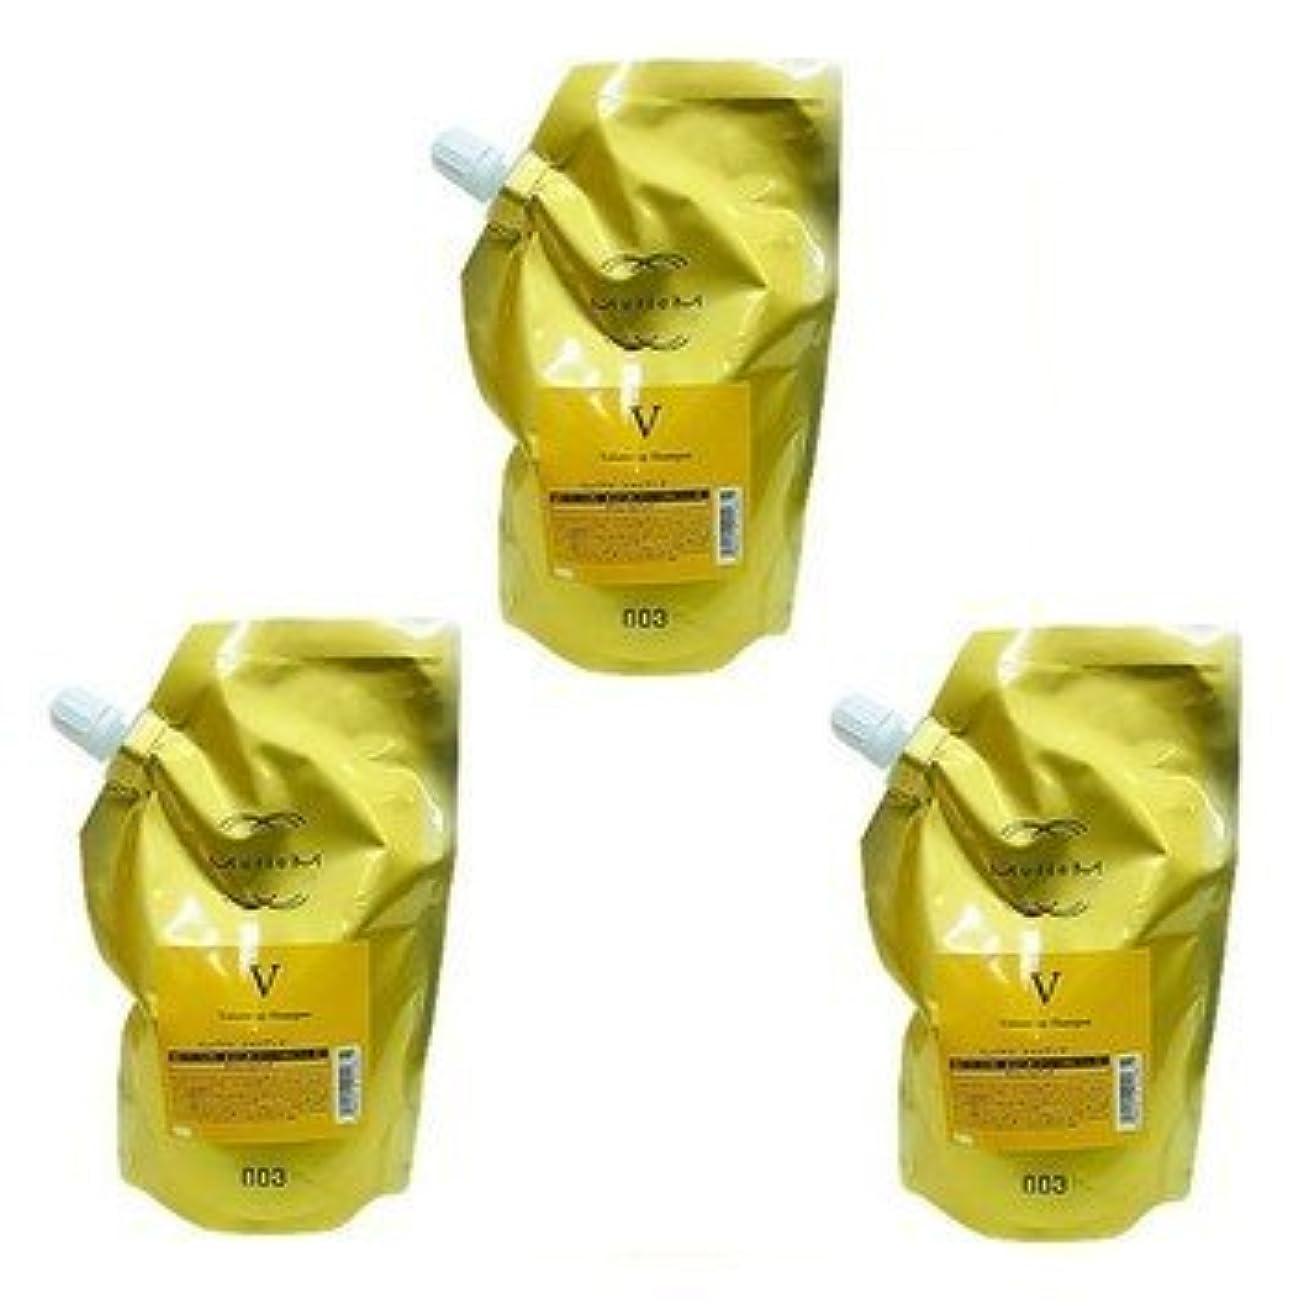 スパン異議家具【X3個セット】 ナンバースリー ミュリアム ゴールド シャンプー V 500ml 詰替え用